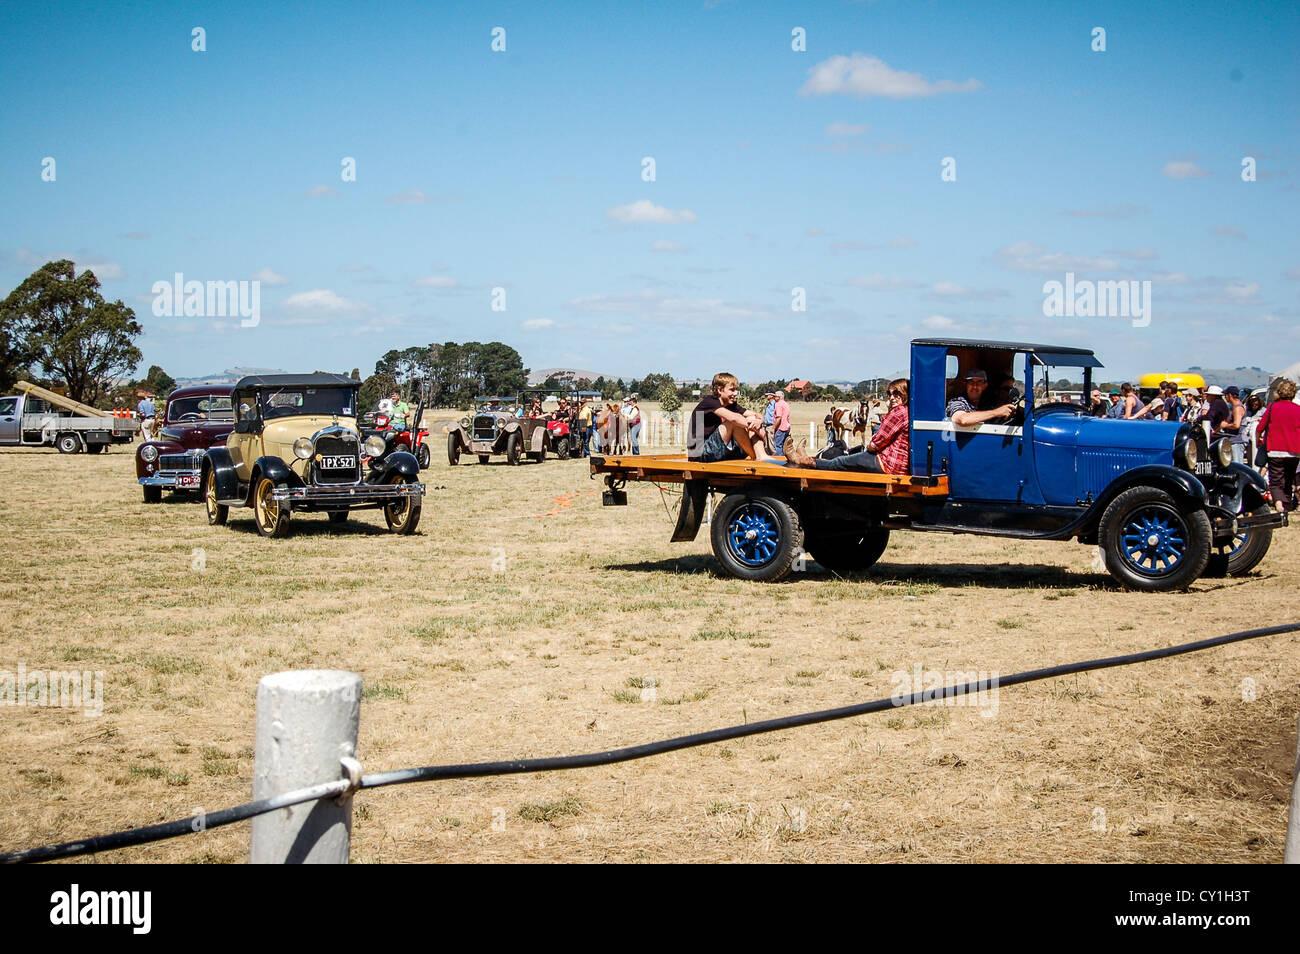 Vehículo antiguo desfile en Clunes anual muestran en la pequeña ciudad rural de Clunes, Australia. Foto de stock